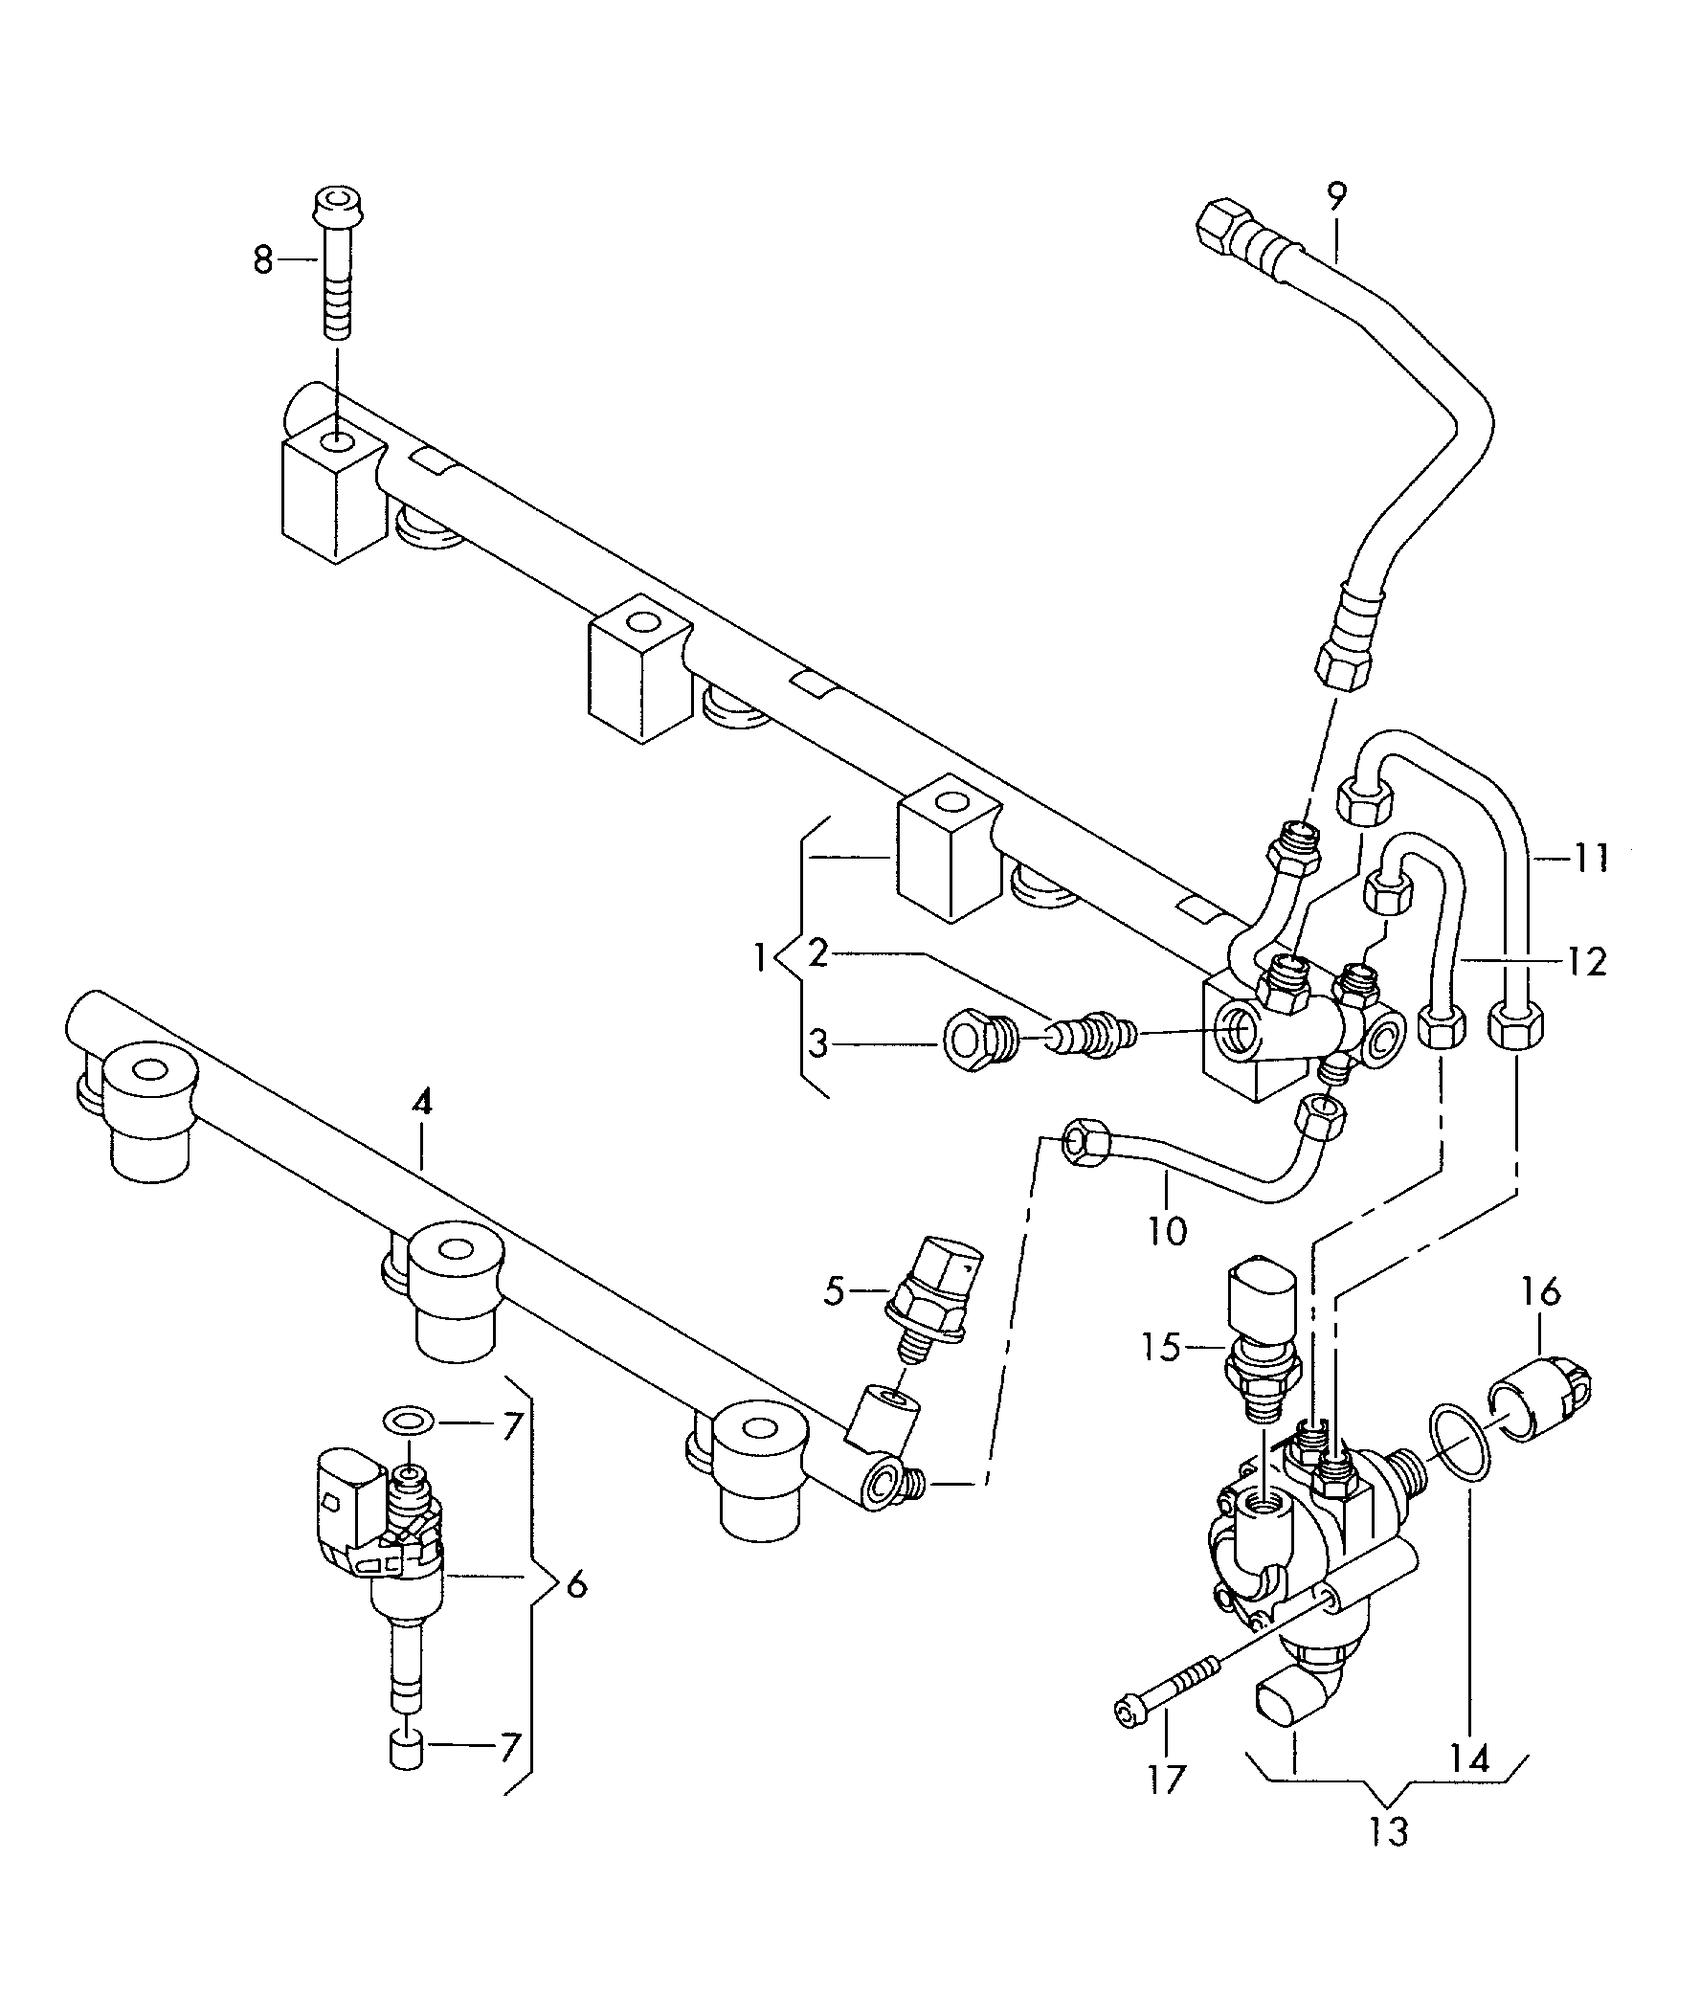 Q7 High Pressure Fuel Sensor Location